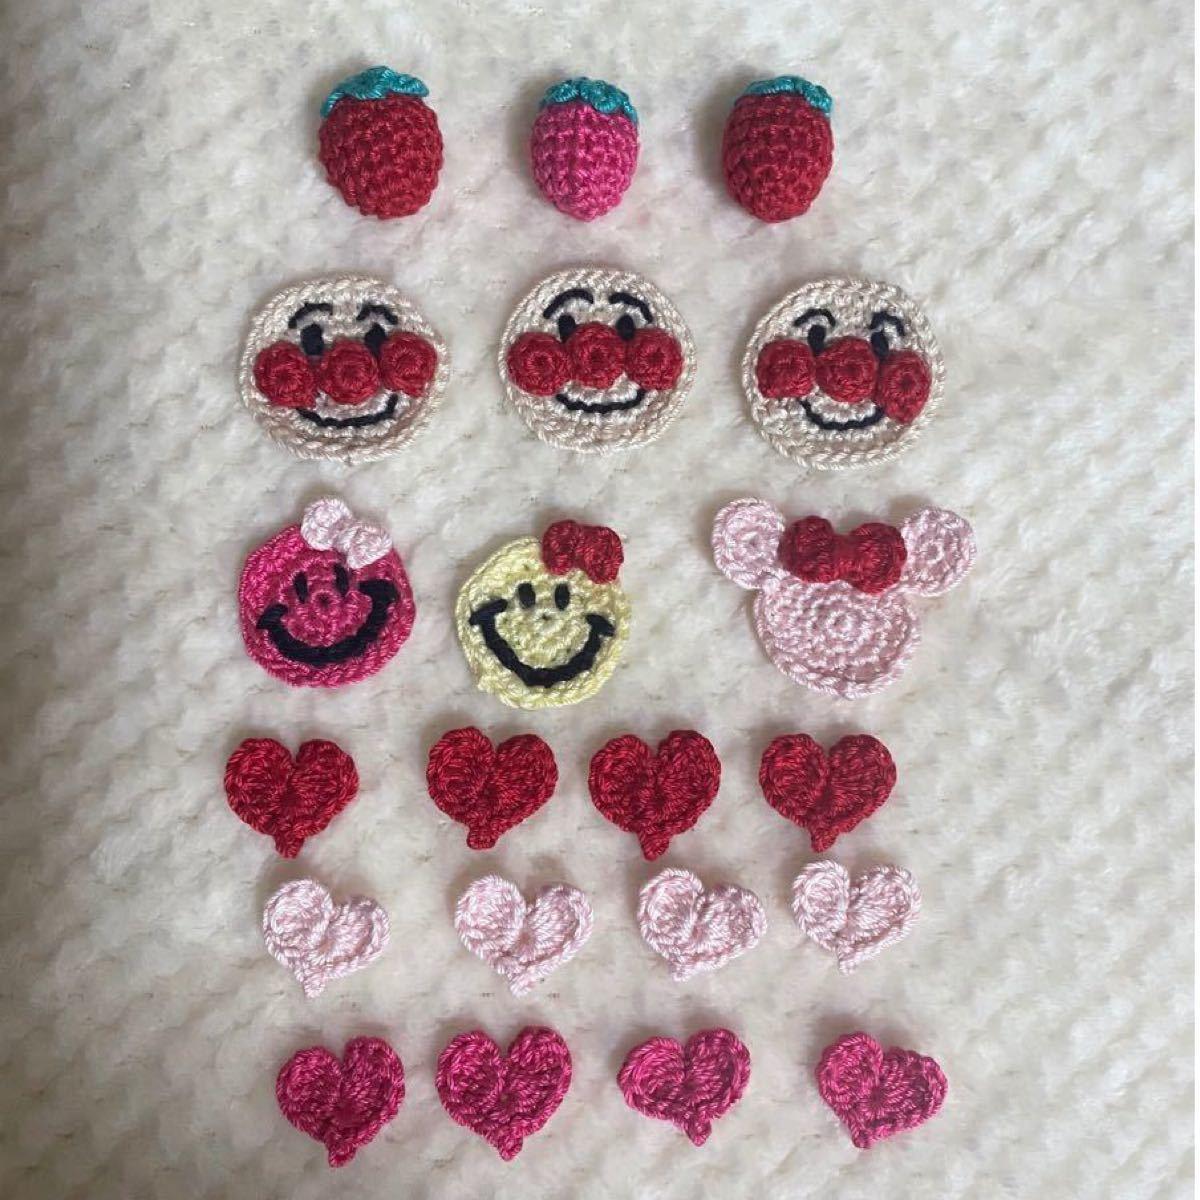 ハンドメイドかぎ針編みモチーフ☆                  在庫処分 写真2枚目はオマケなのでいらない方はコメント下さい。